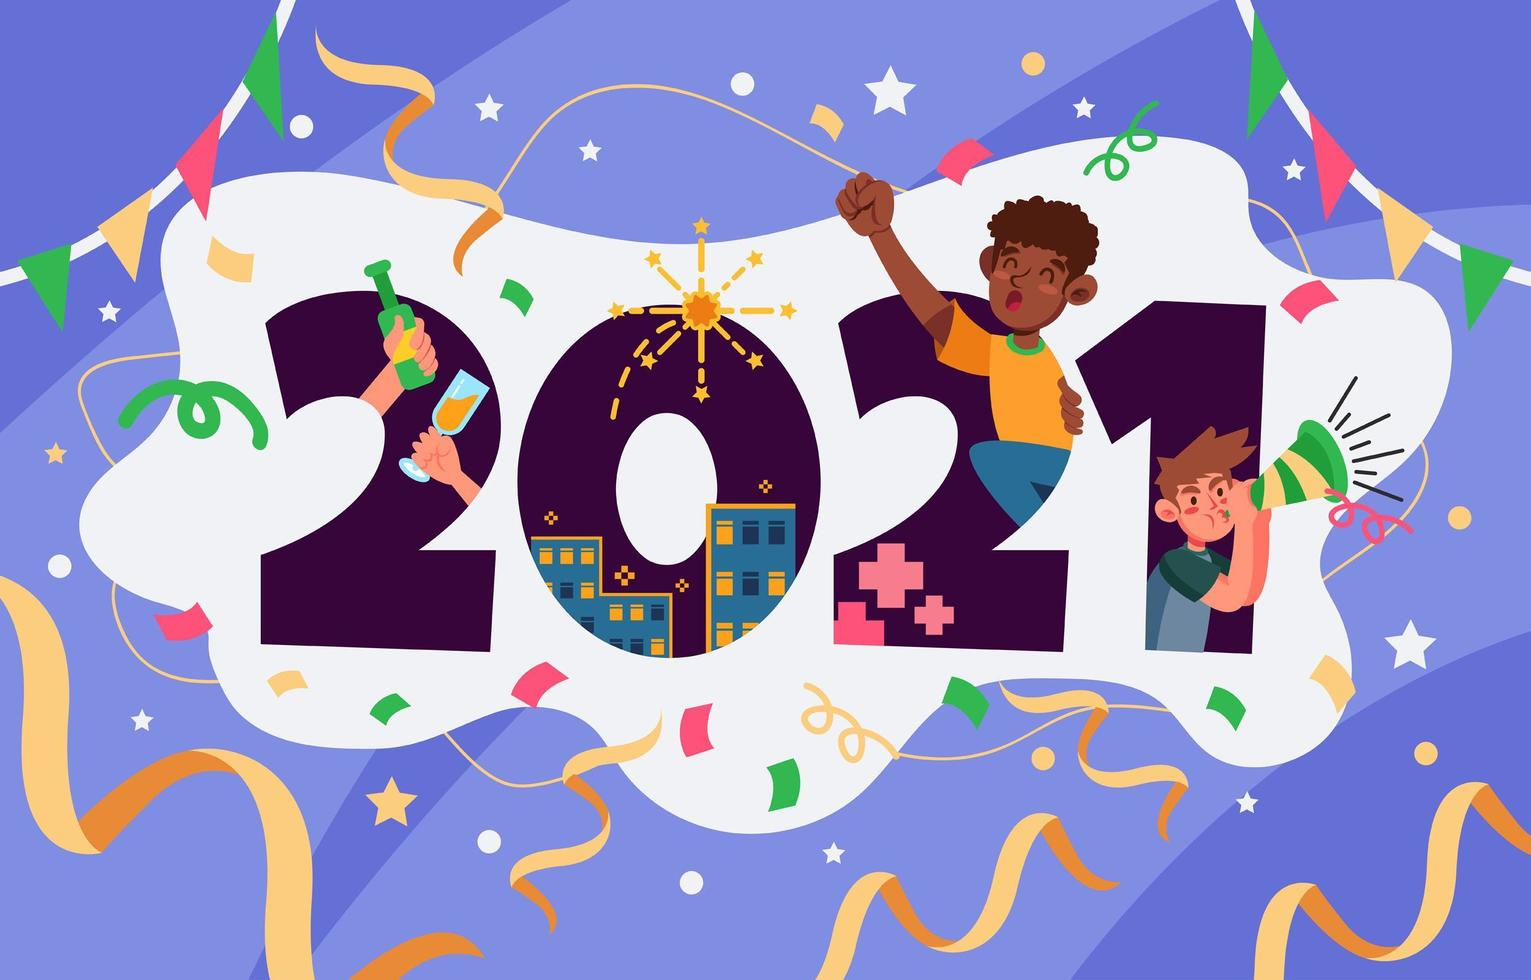 Fete Du Nouvel An 2021 Telecharger Vectoriel Gratuit Clipart Graphique Vecteur Dessins Et Pictogramme Gratuit